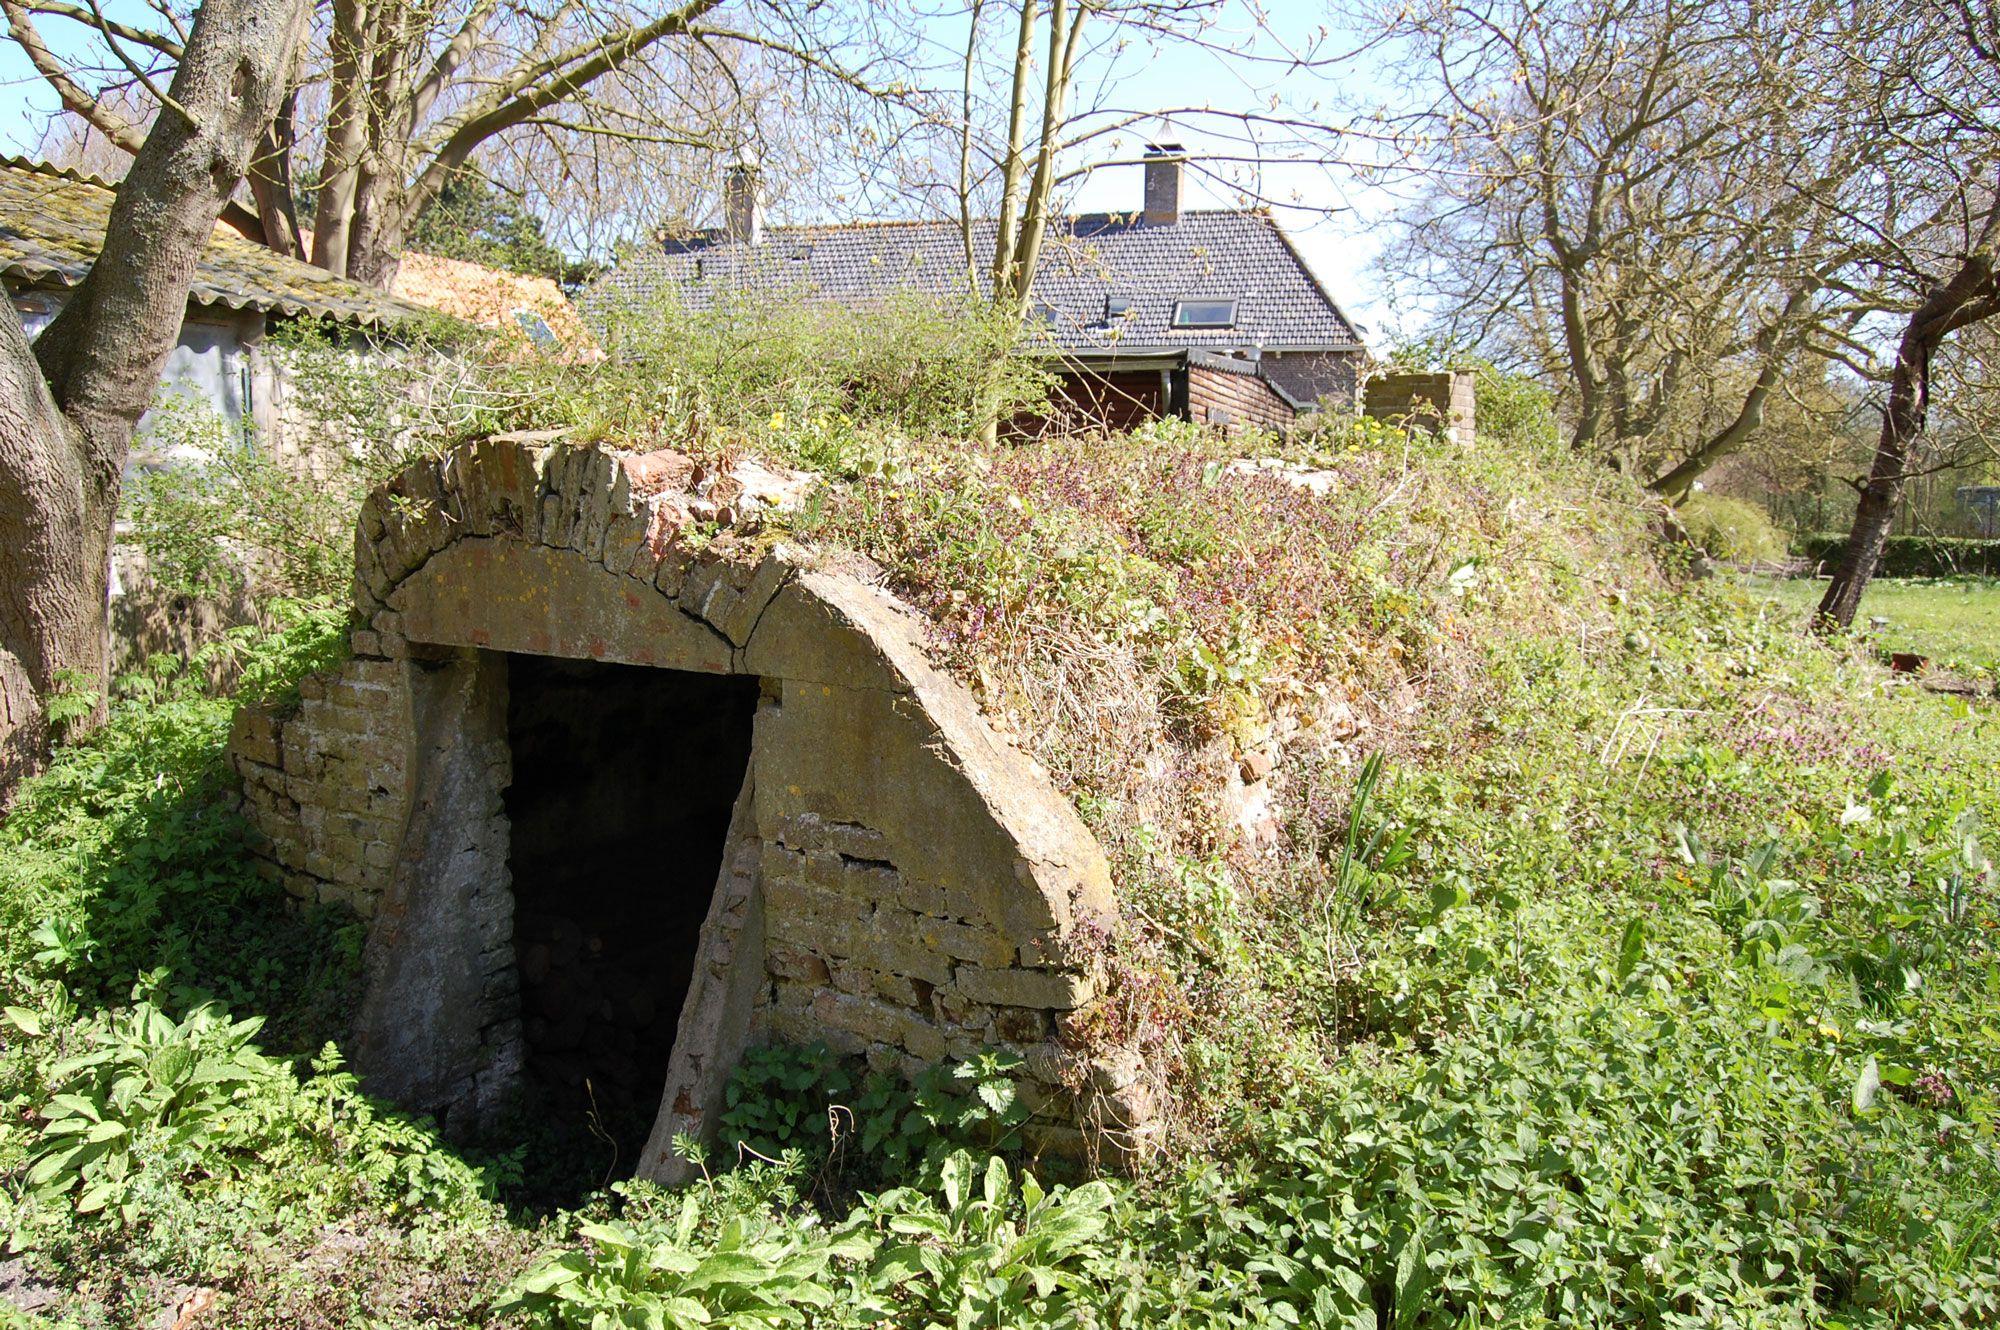 Bij de nabijgelegen boerderij Loverendale bevindt zich een voorraadkelder die grote gelijkenissen vertoont met de kelder van Overduin (Beeldbank SCEZ).